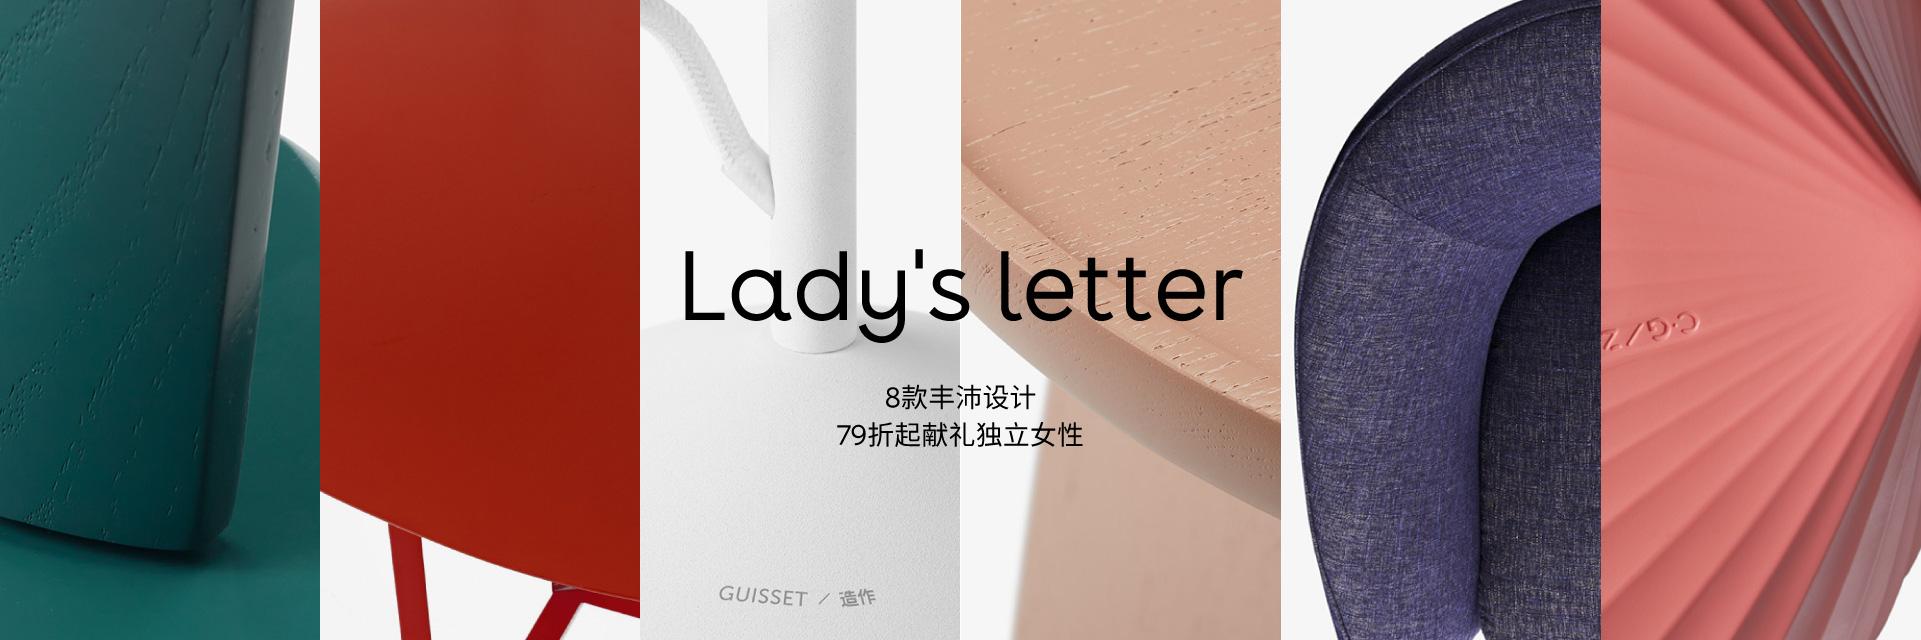 ladys letter